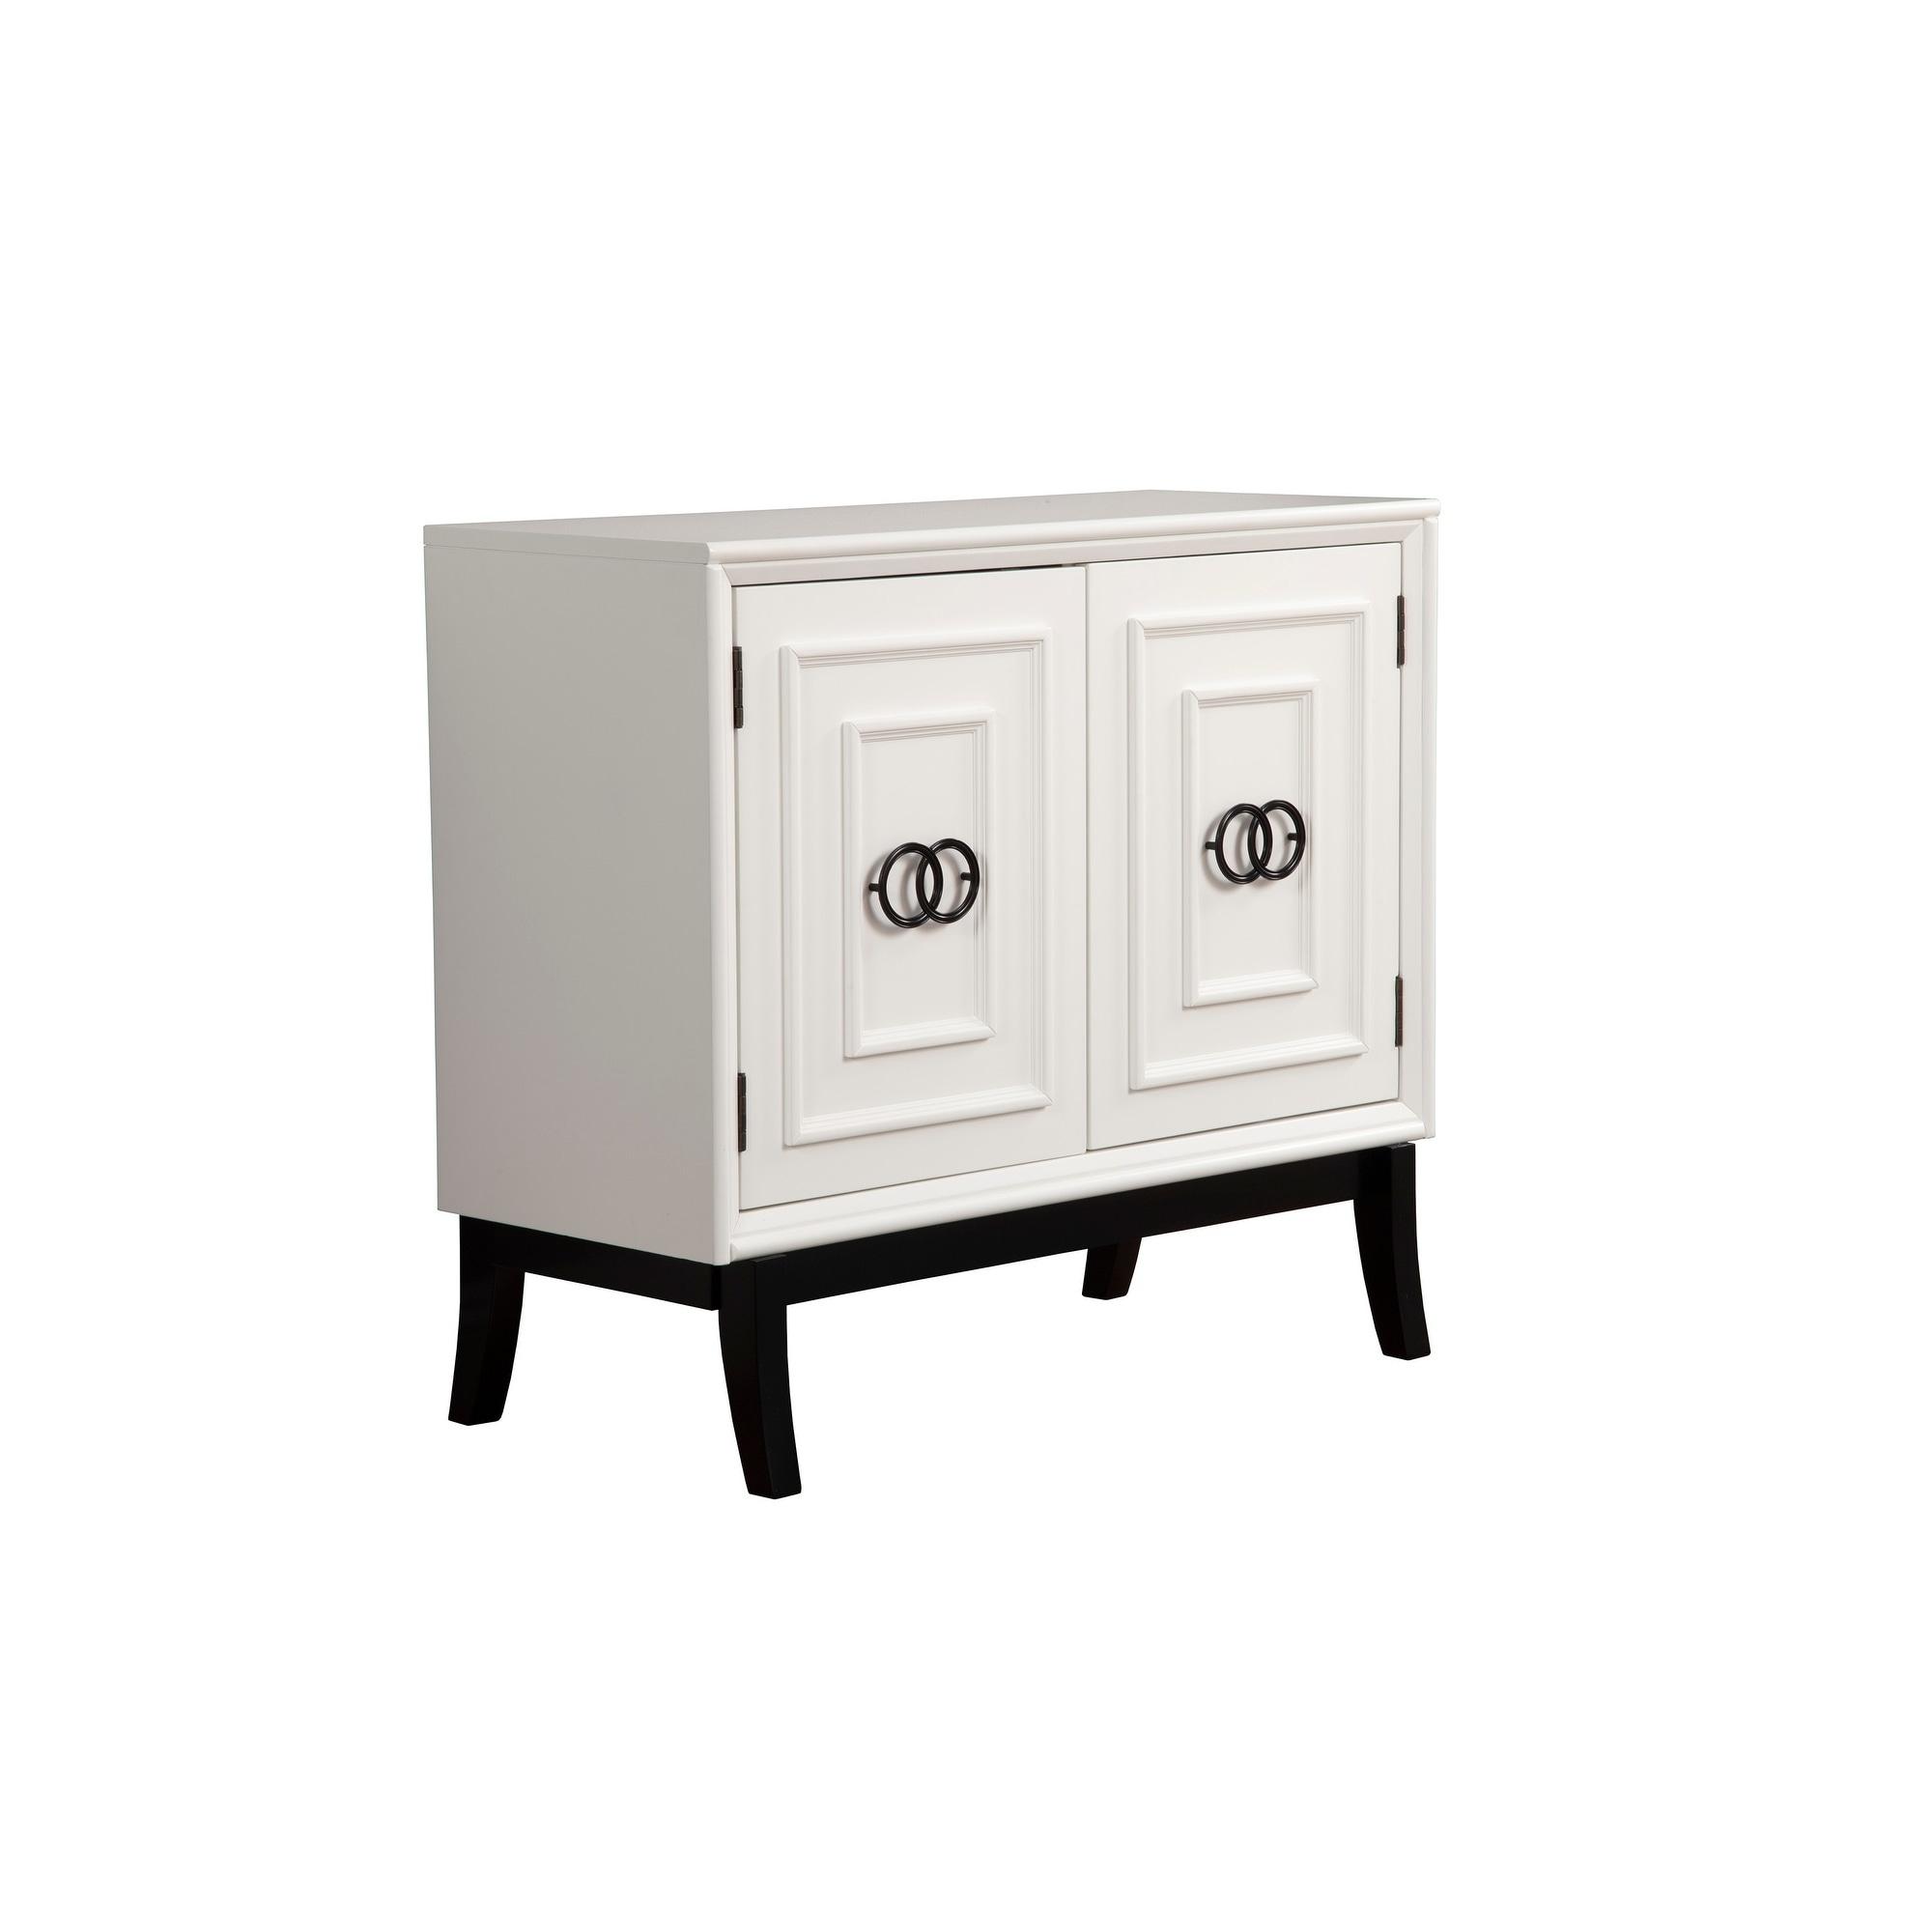 Alpine Furniture Zen Accent Chest W Cabinet White